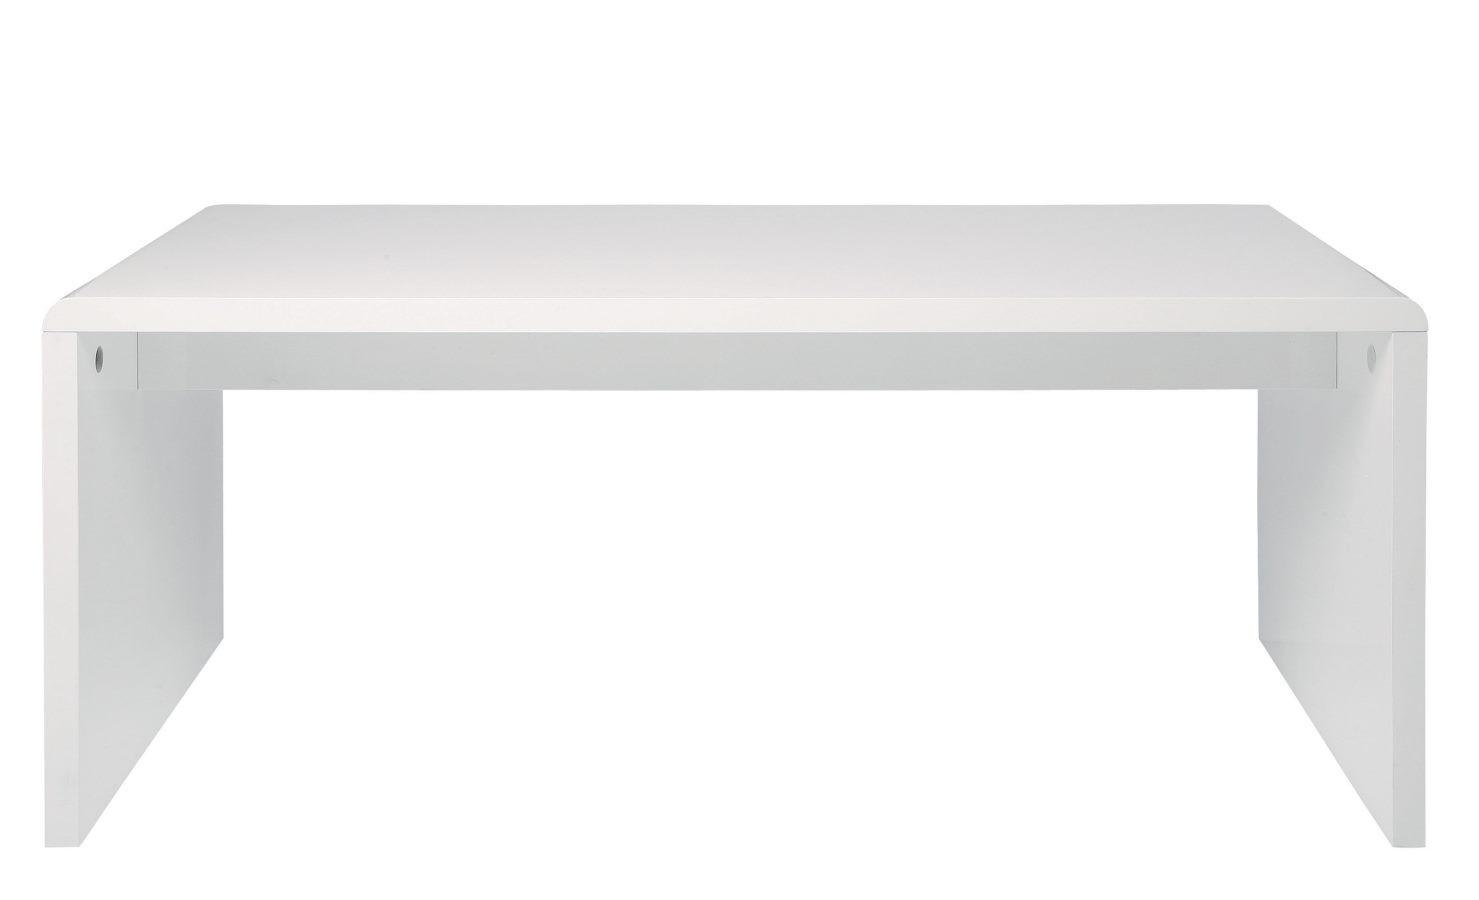 Designer Schreibtisch Weiß schreibtisch hochglanz weiß 150 x 70 white kare möbel